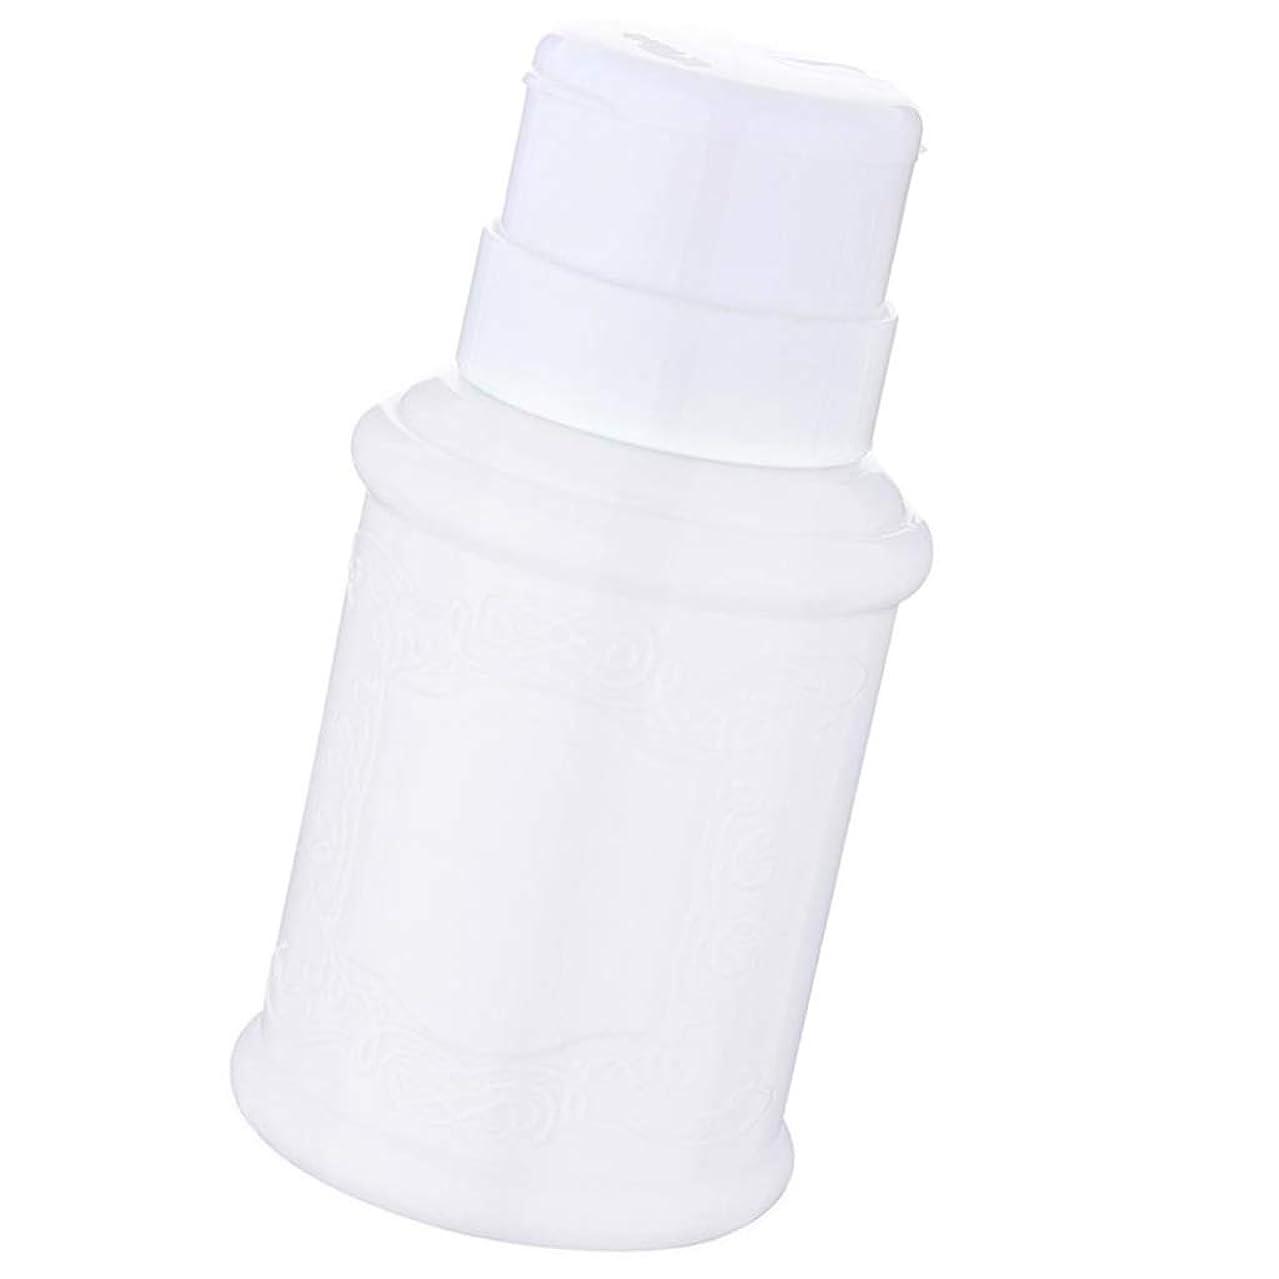 十分ですコミュニケーションマカダムSM SunniMix 空ポンプ ボトル ネイルクリーナーボトル ポンプディスペンサー ジェルクリーナー 全3色 - 白